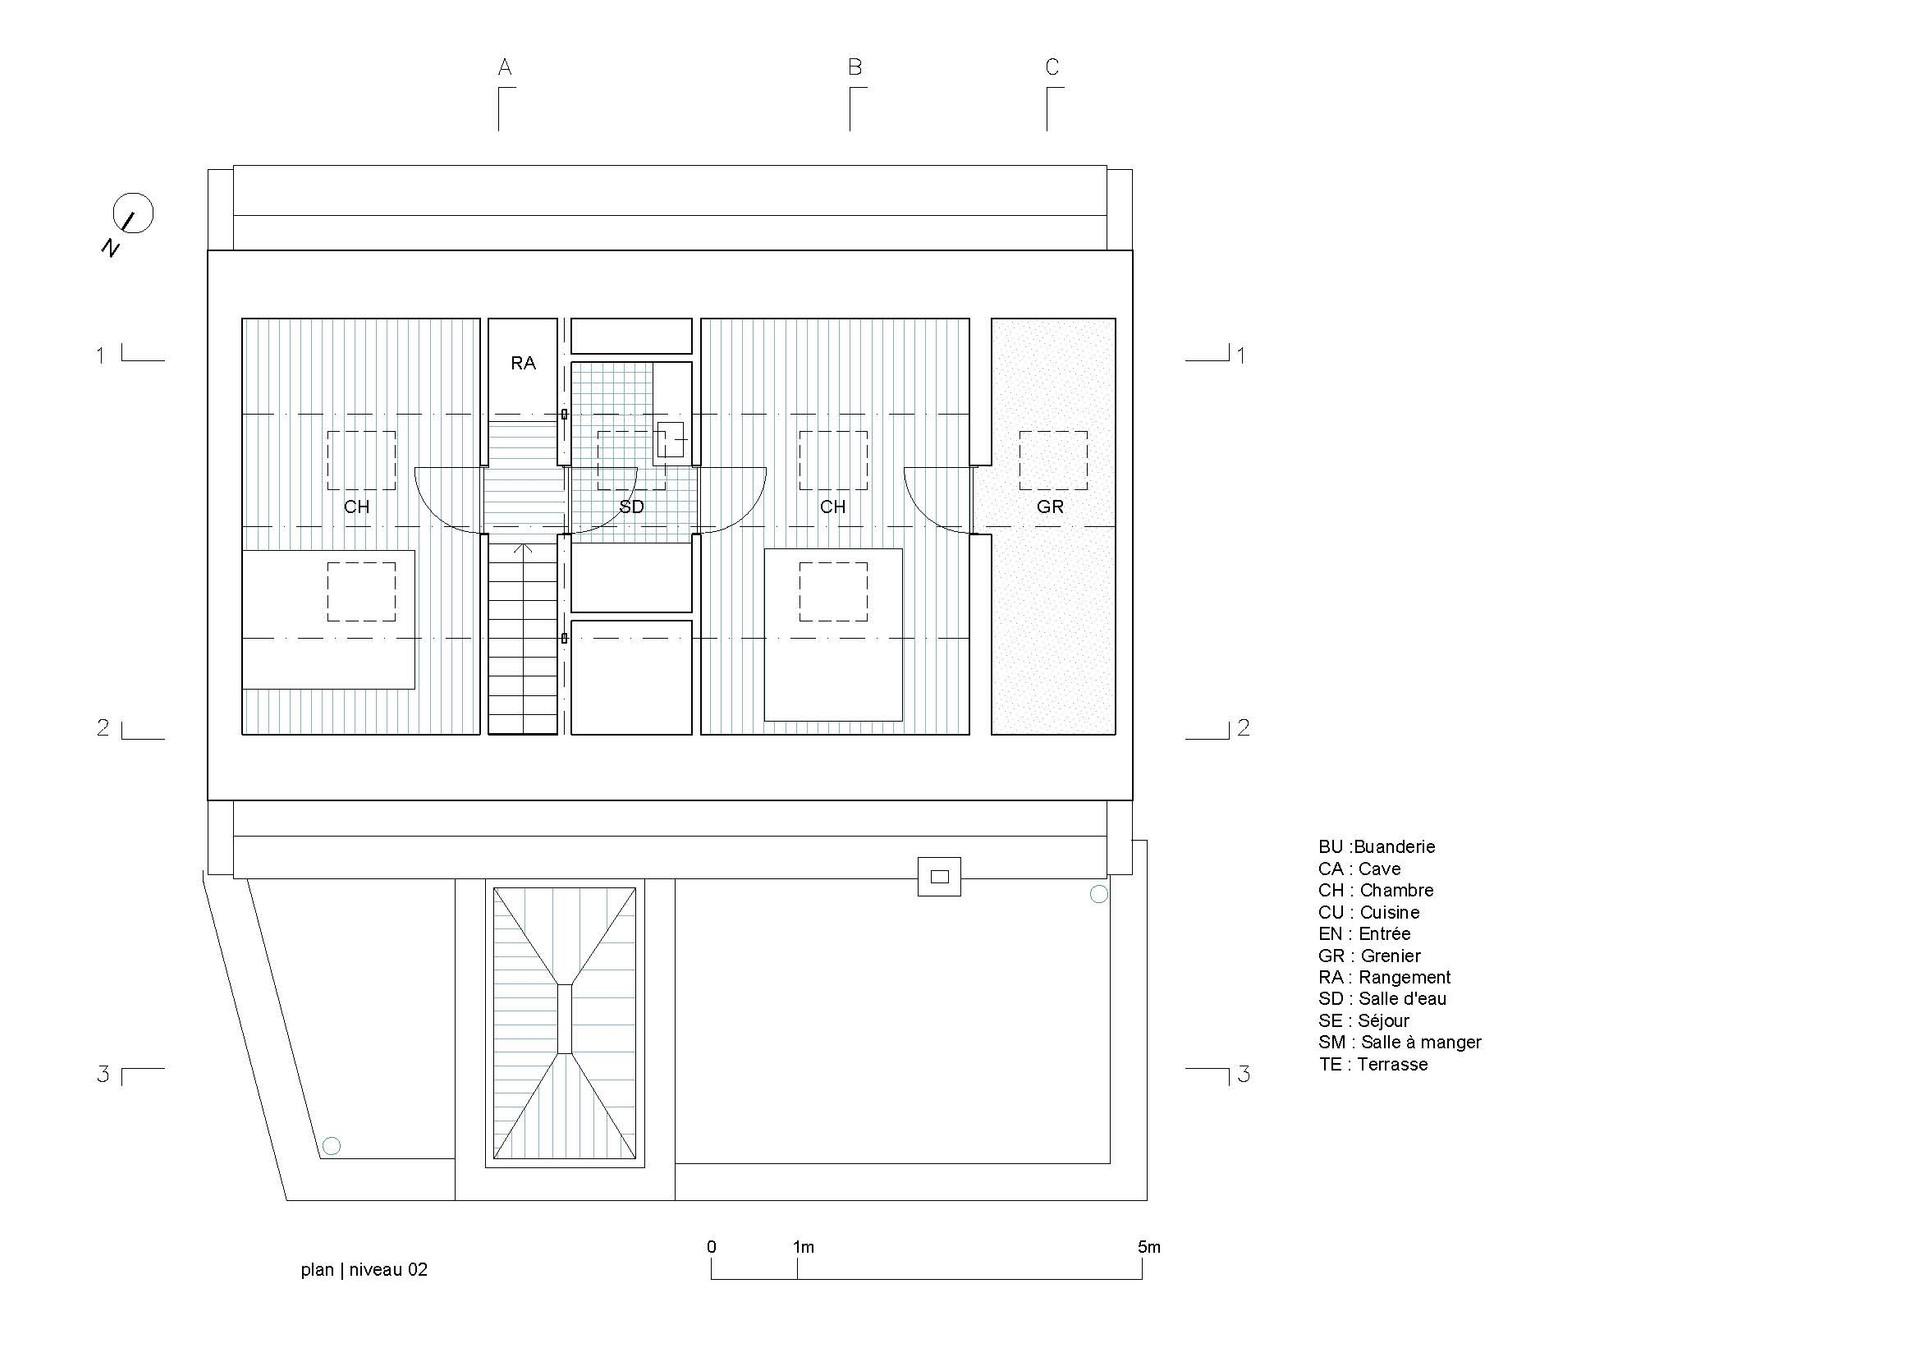 plan   niveau 02